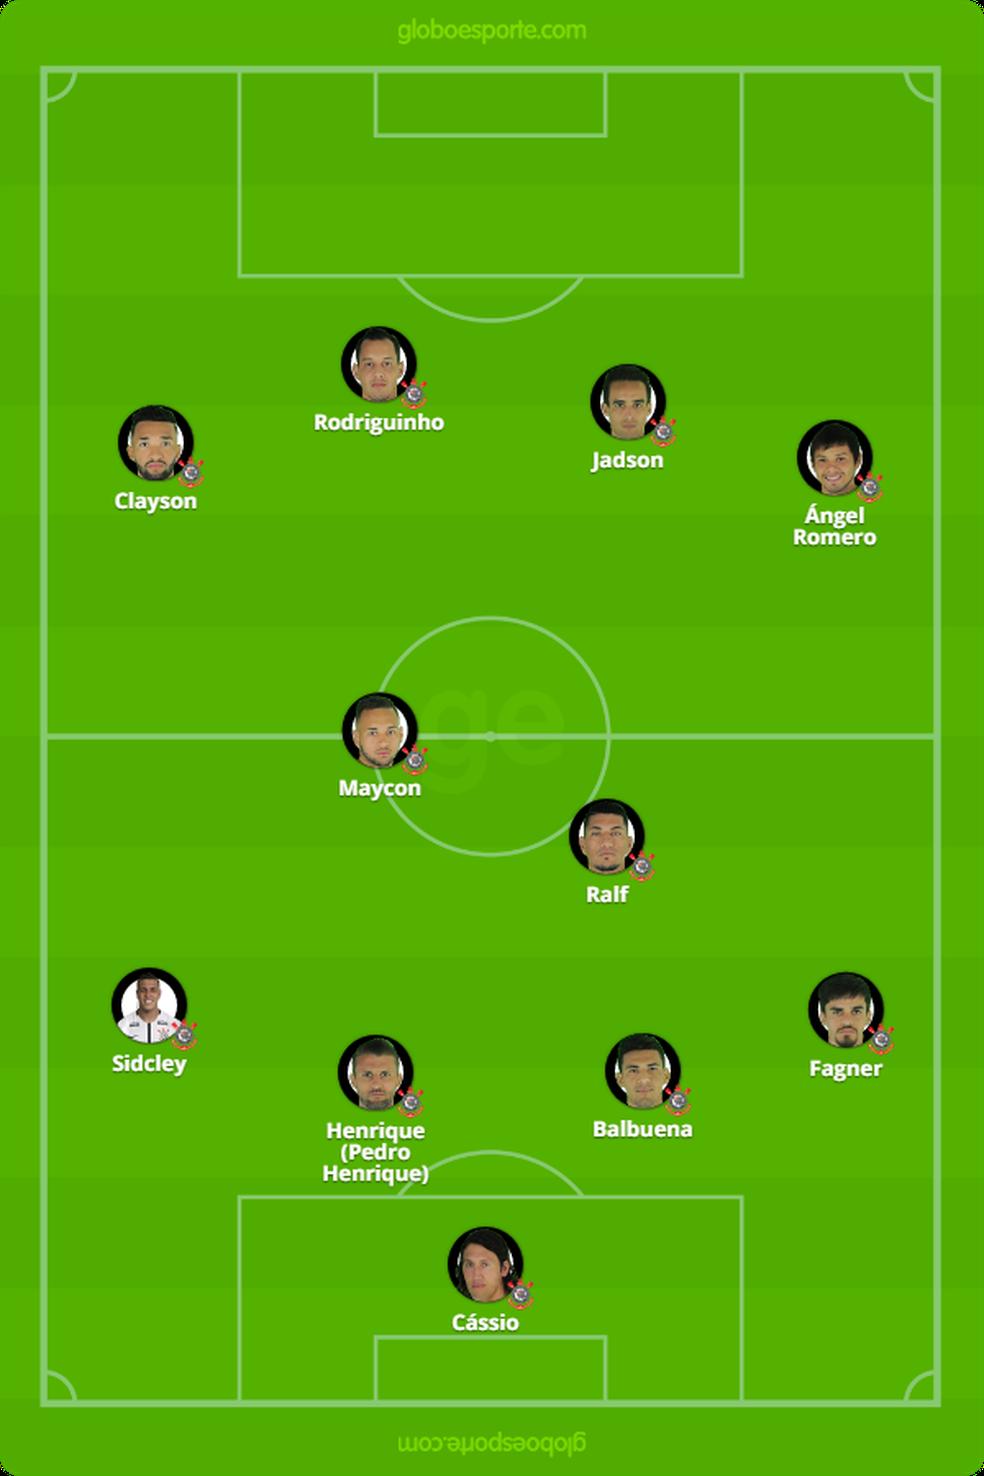 Provável formação do Corinthians para o jogo desta quarta-feira (Foto: GloboEsporte.com)